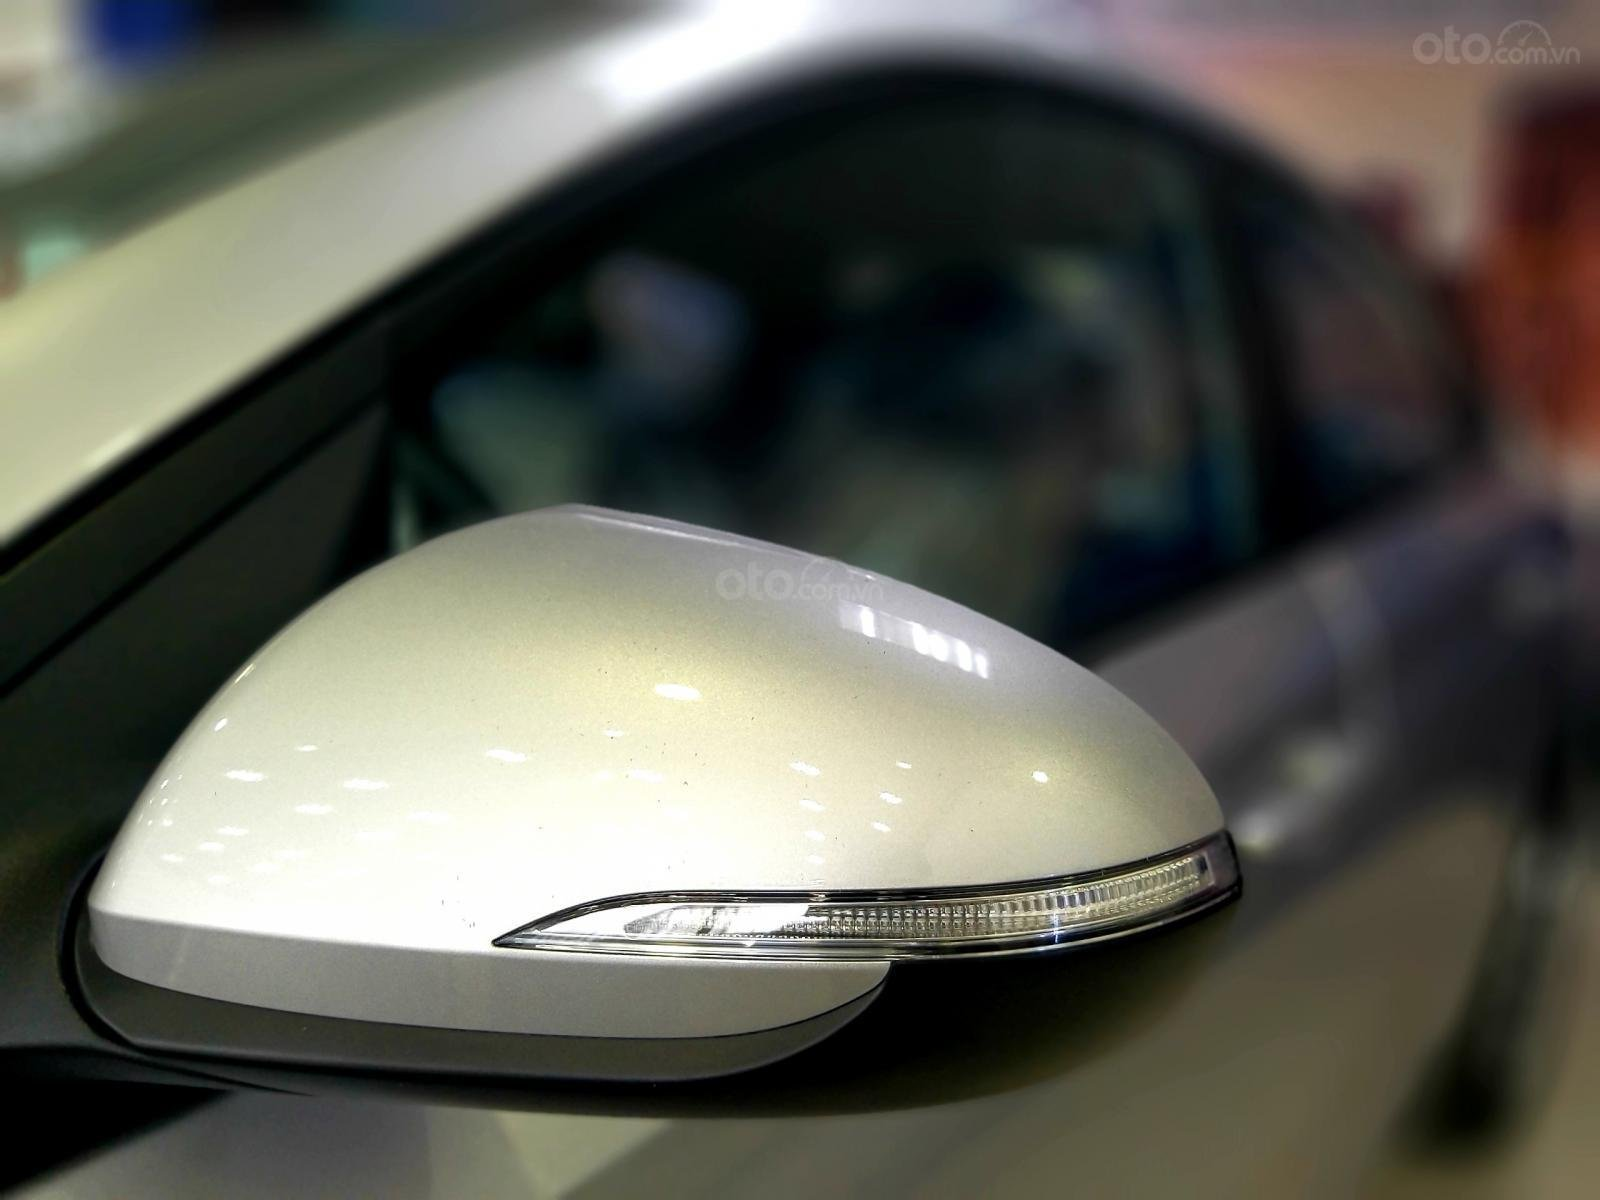 Hyundai Accent 2019, giá tốt bao giấy tờ đăng ký grab, hợp tác xã miễn phí, xe đủ màu giao ngay toàn quốc (6)